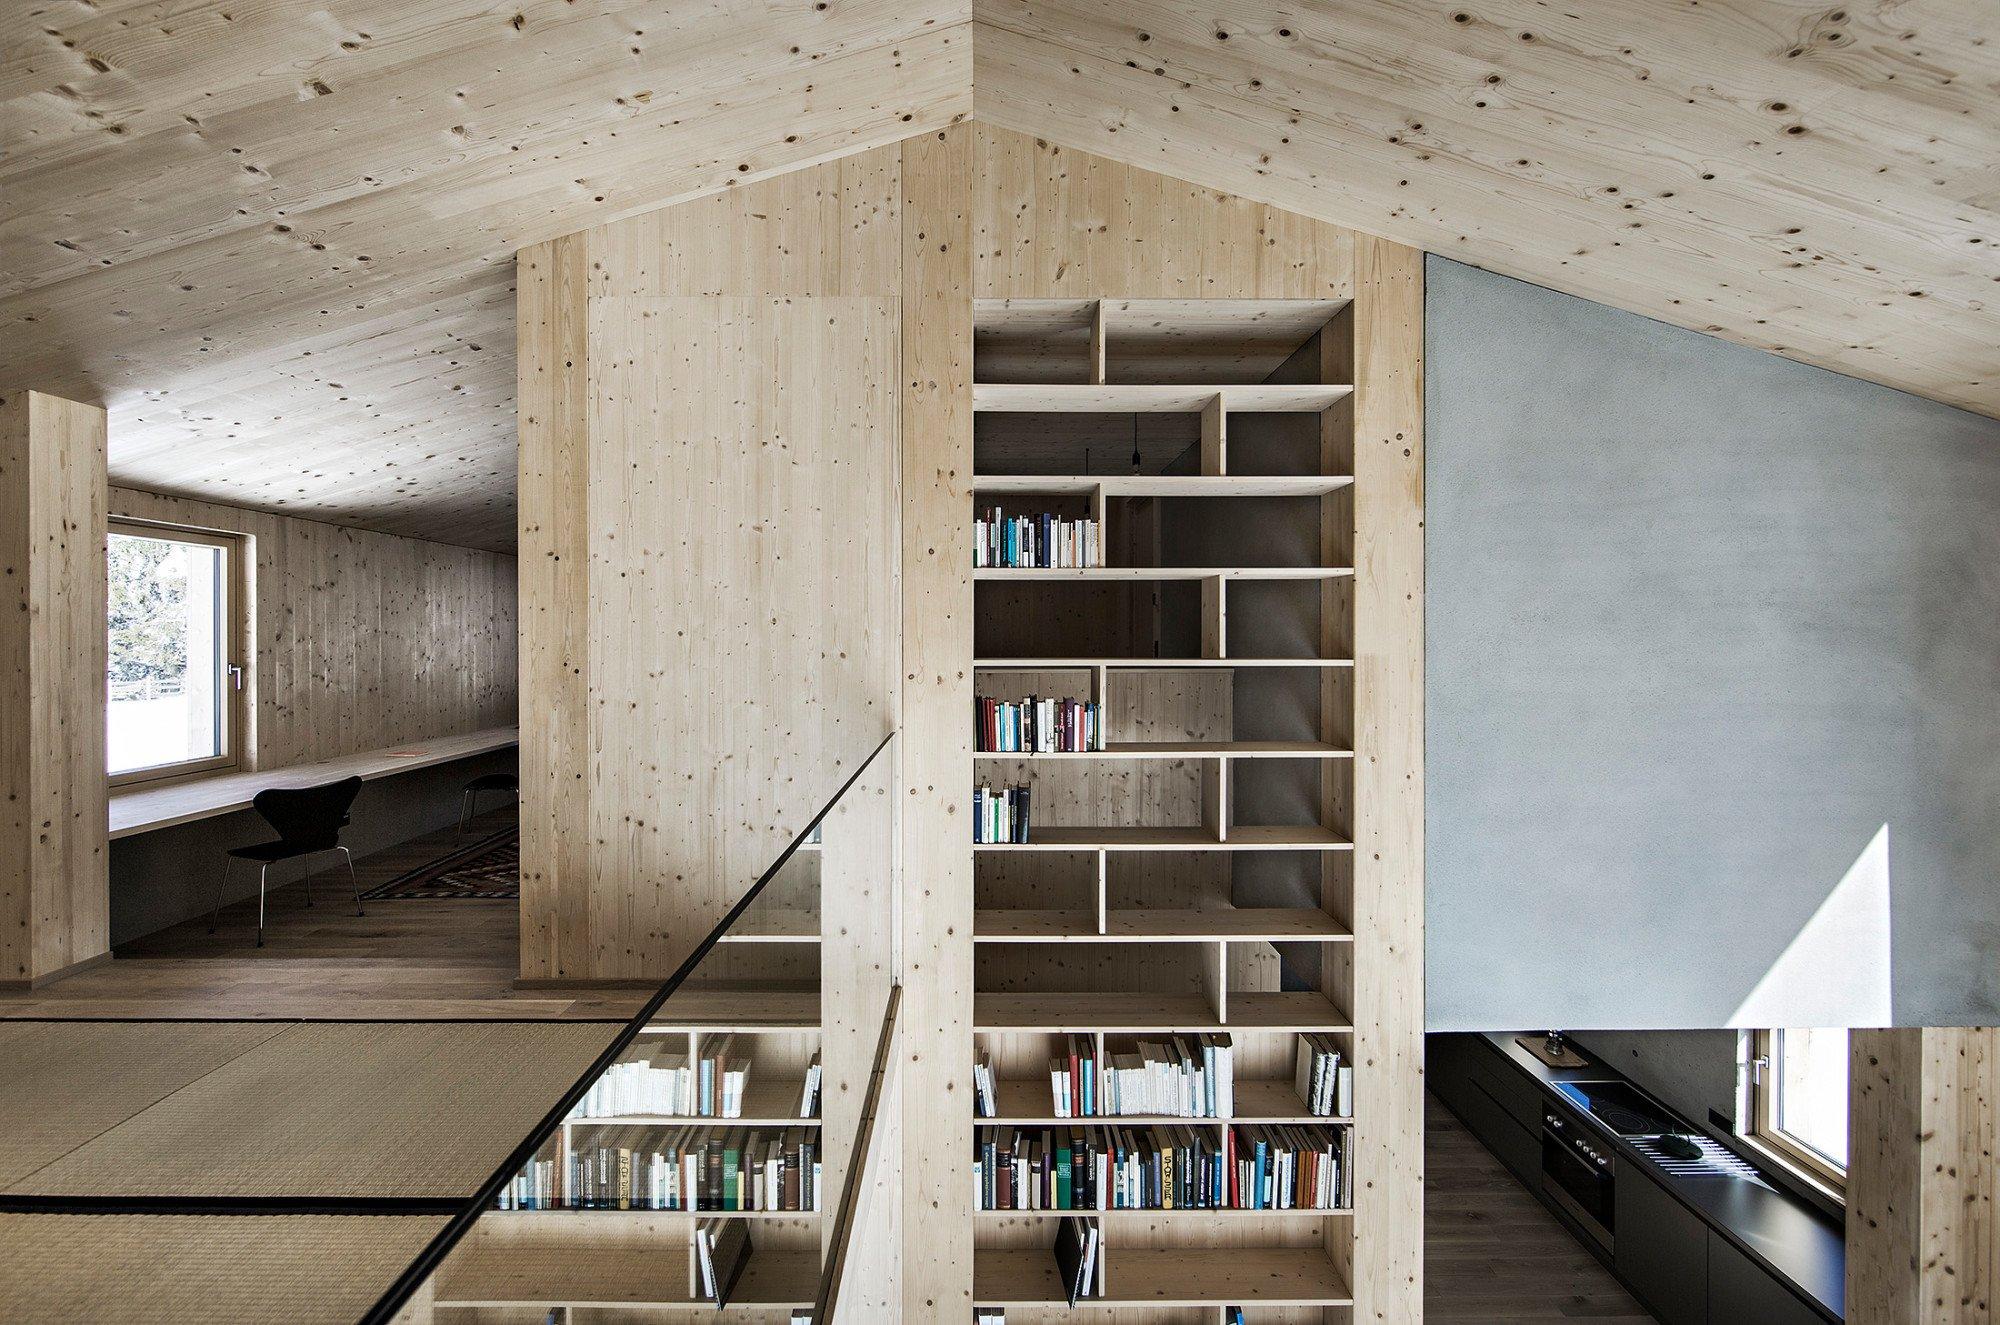 wohnhaus in embach nachhaltig bauen wohnen baunetz wissen. Black Bedroom Furniture Sets. Home Design Ideas